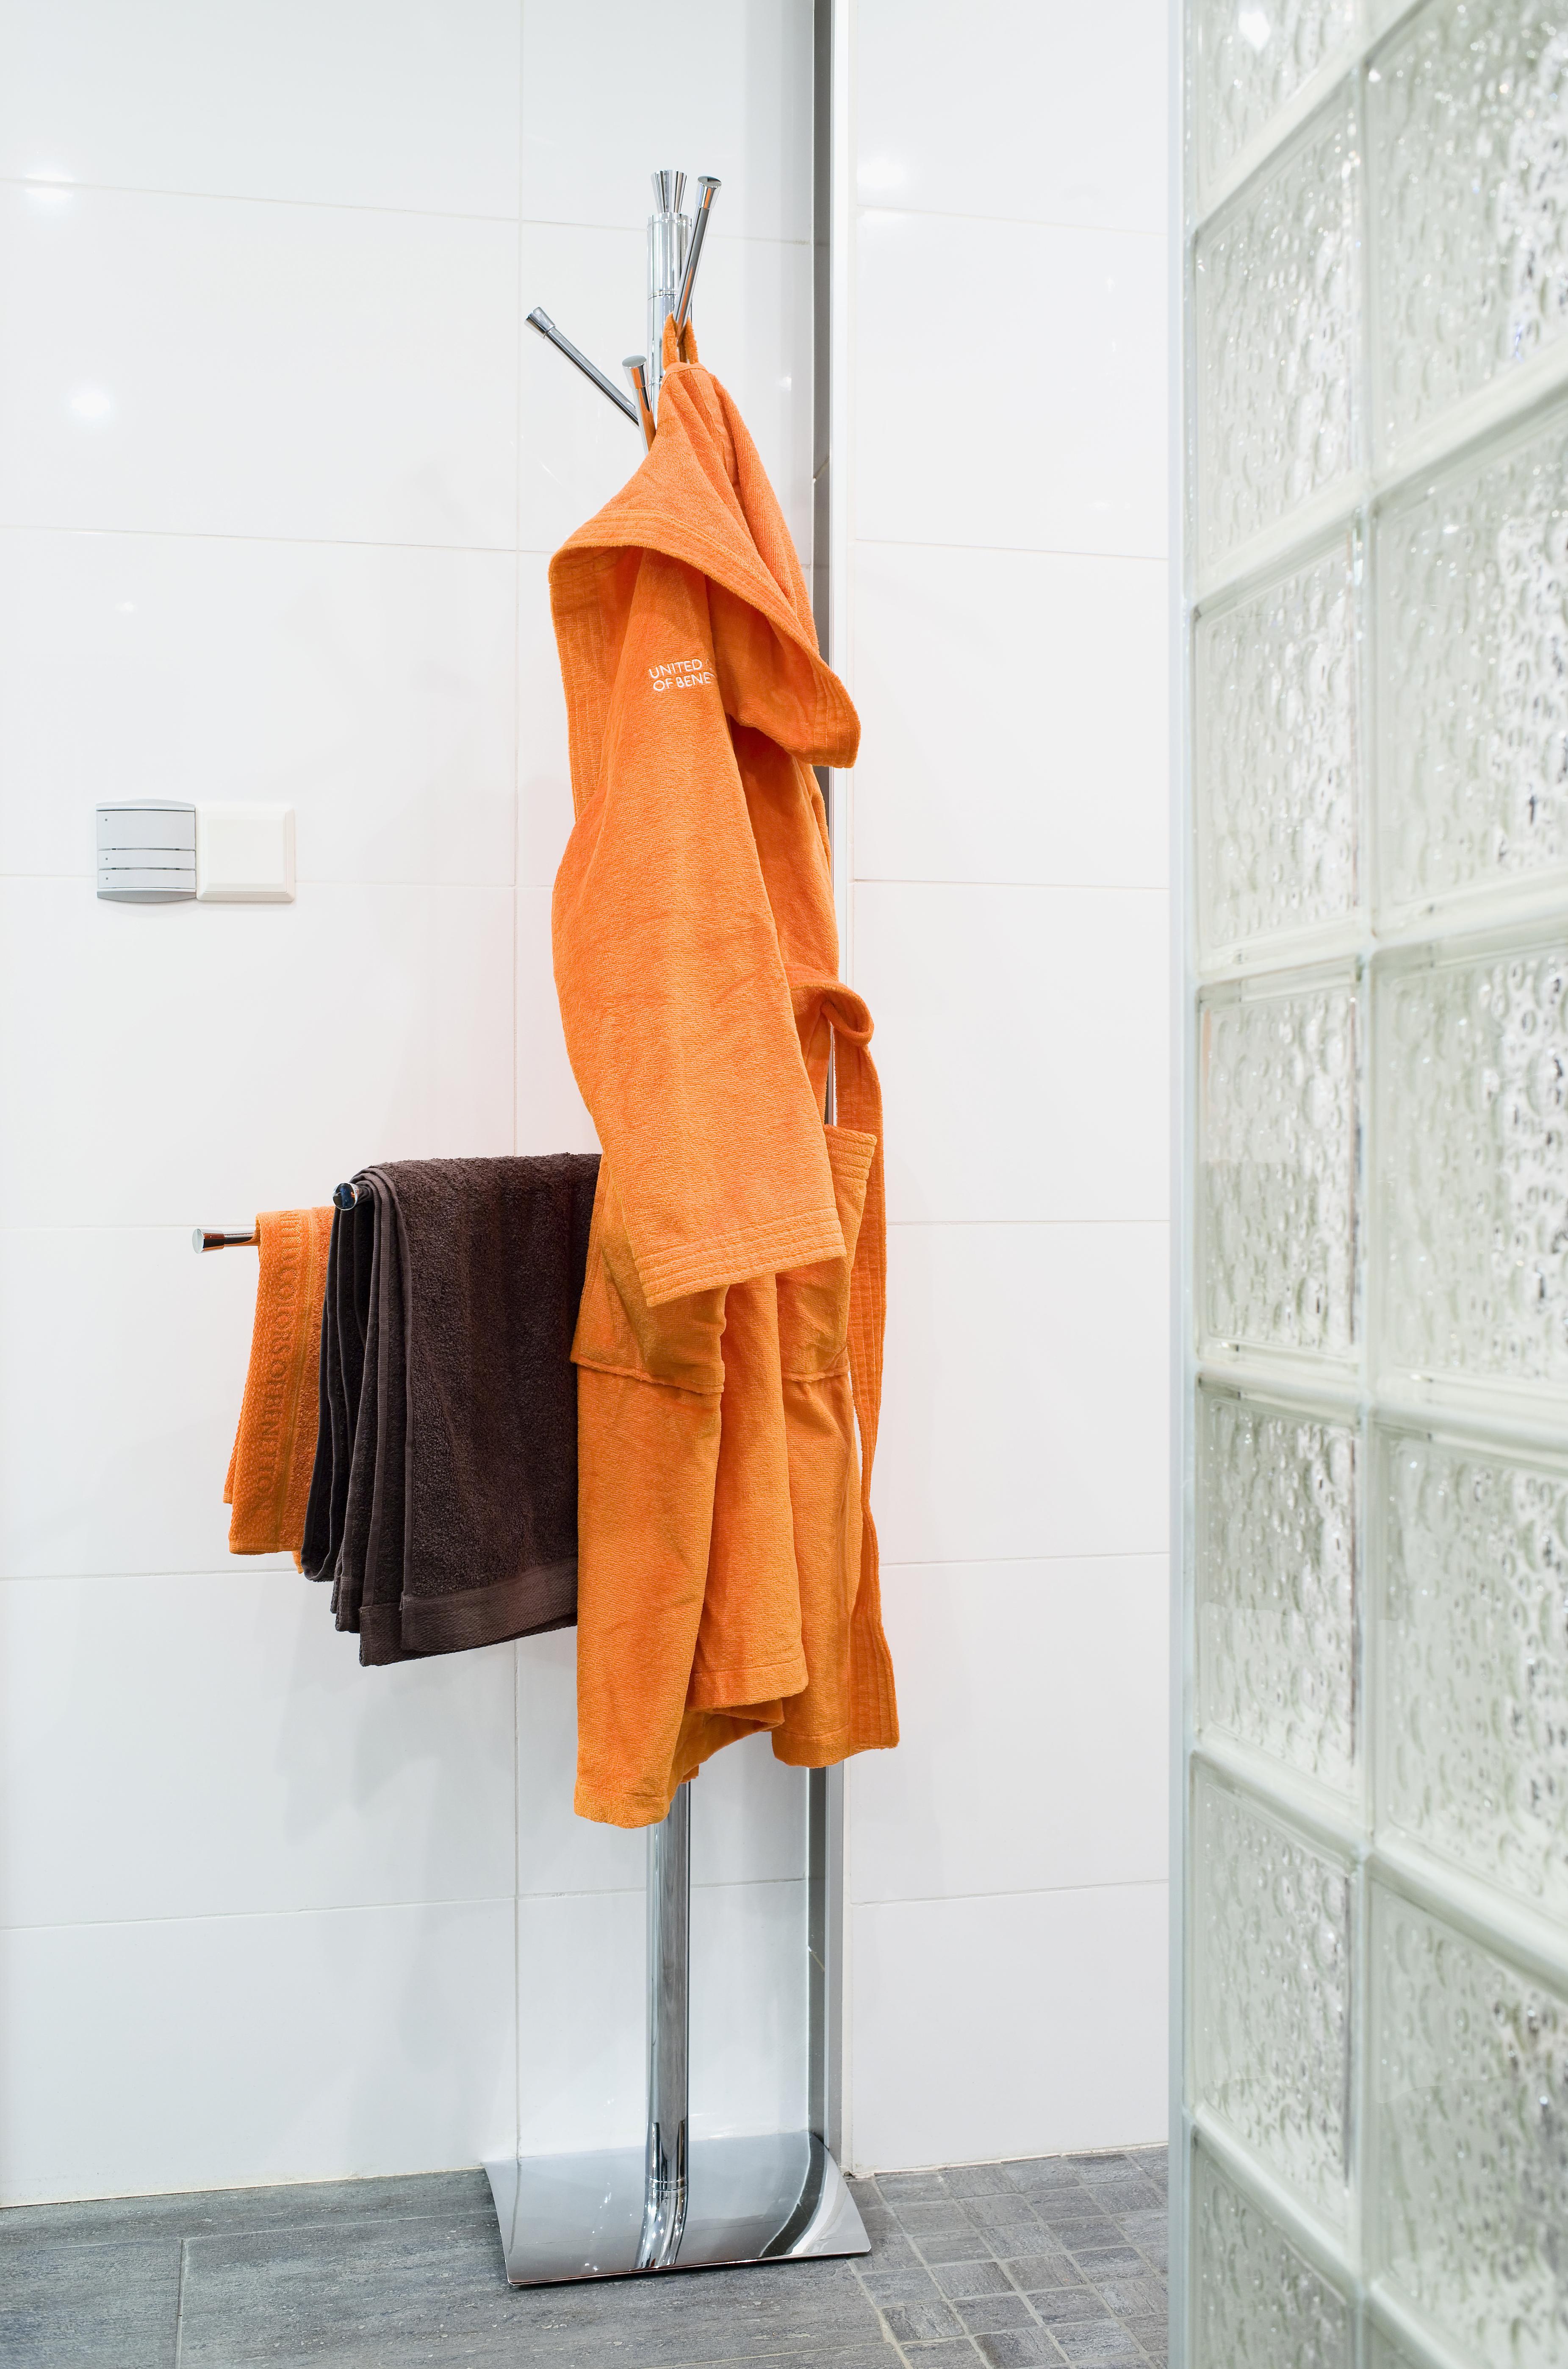 Kylpytakit ja pyyhkeet voi kätevästi ripustaa Wenkon telineeseen. Lasitiiliseinä erottaa suihkutilan muista peseytymis- ja pukeutumistiloista. Kuvausrekvisiitta Stockmann.